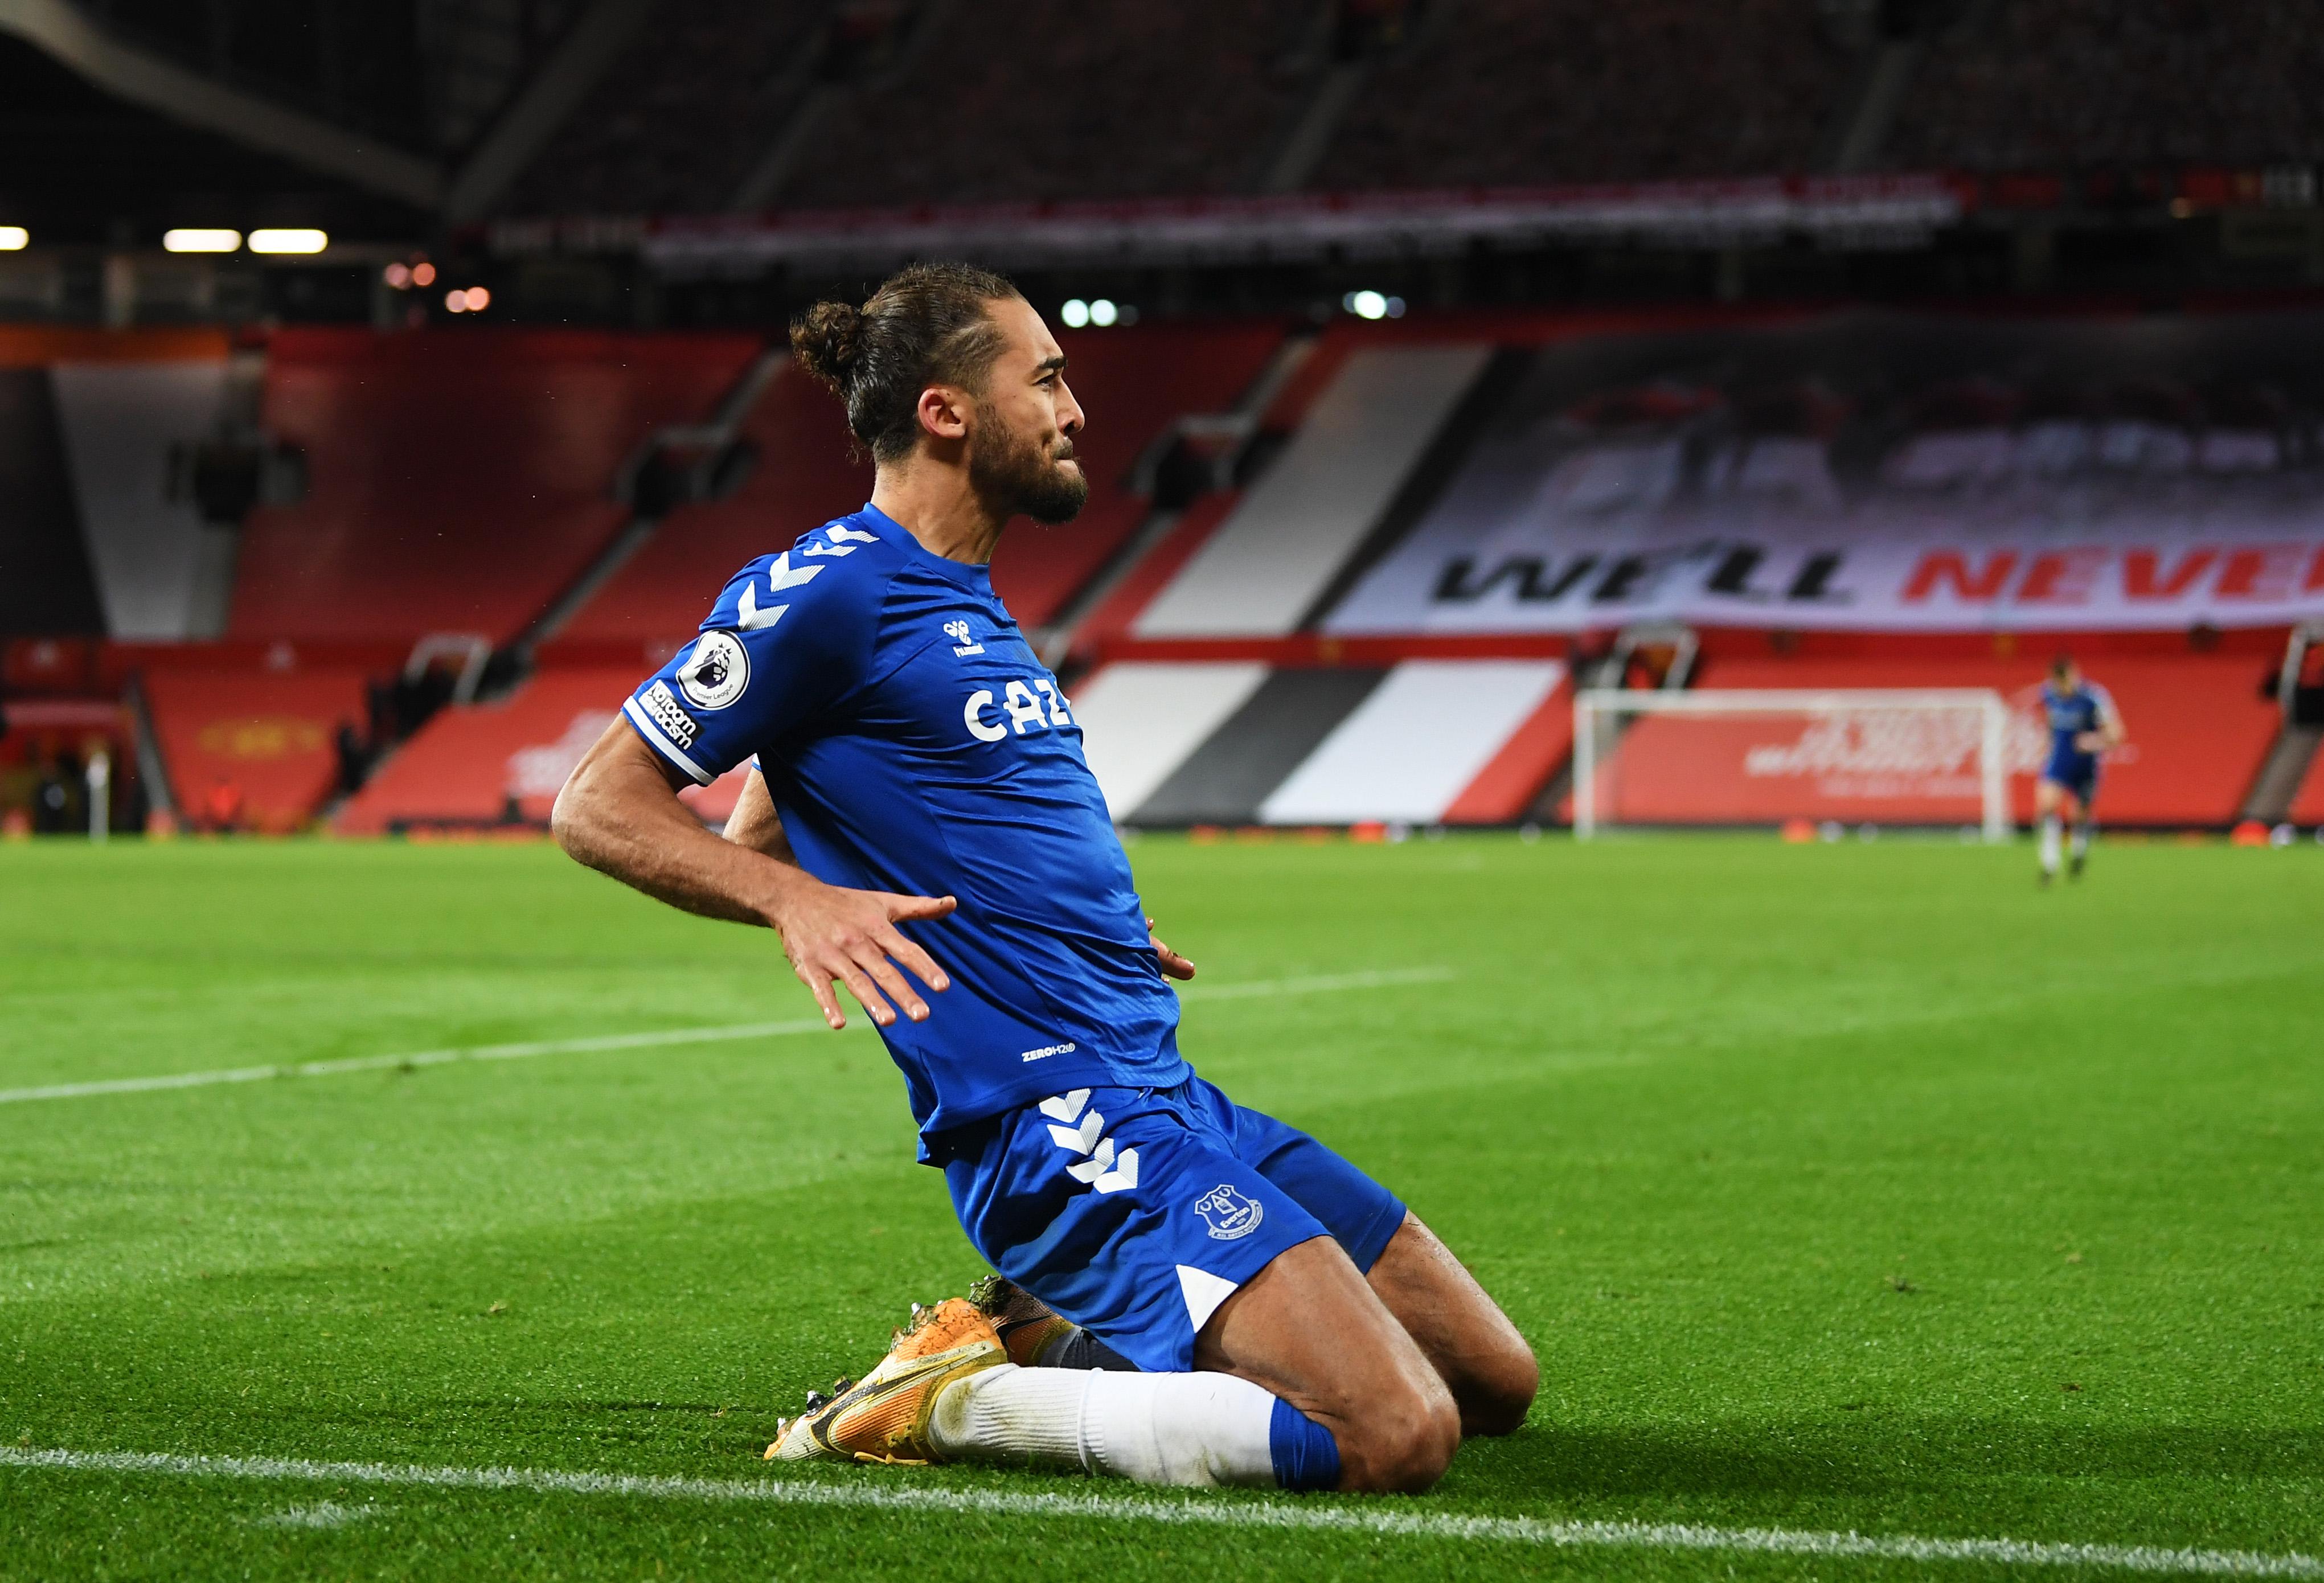 Dominic Calvert-Lewin - Everton - English Premier League